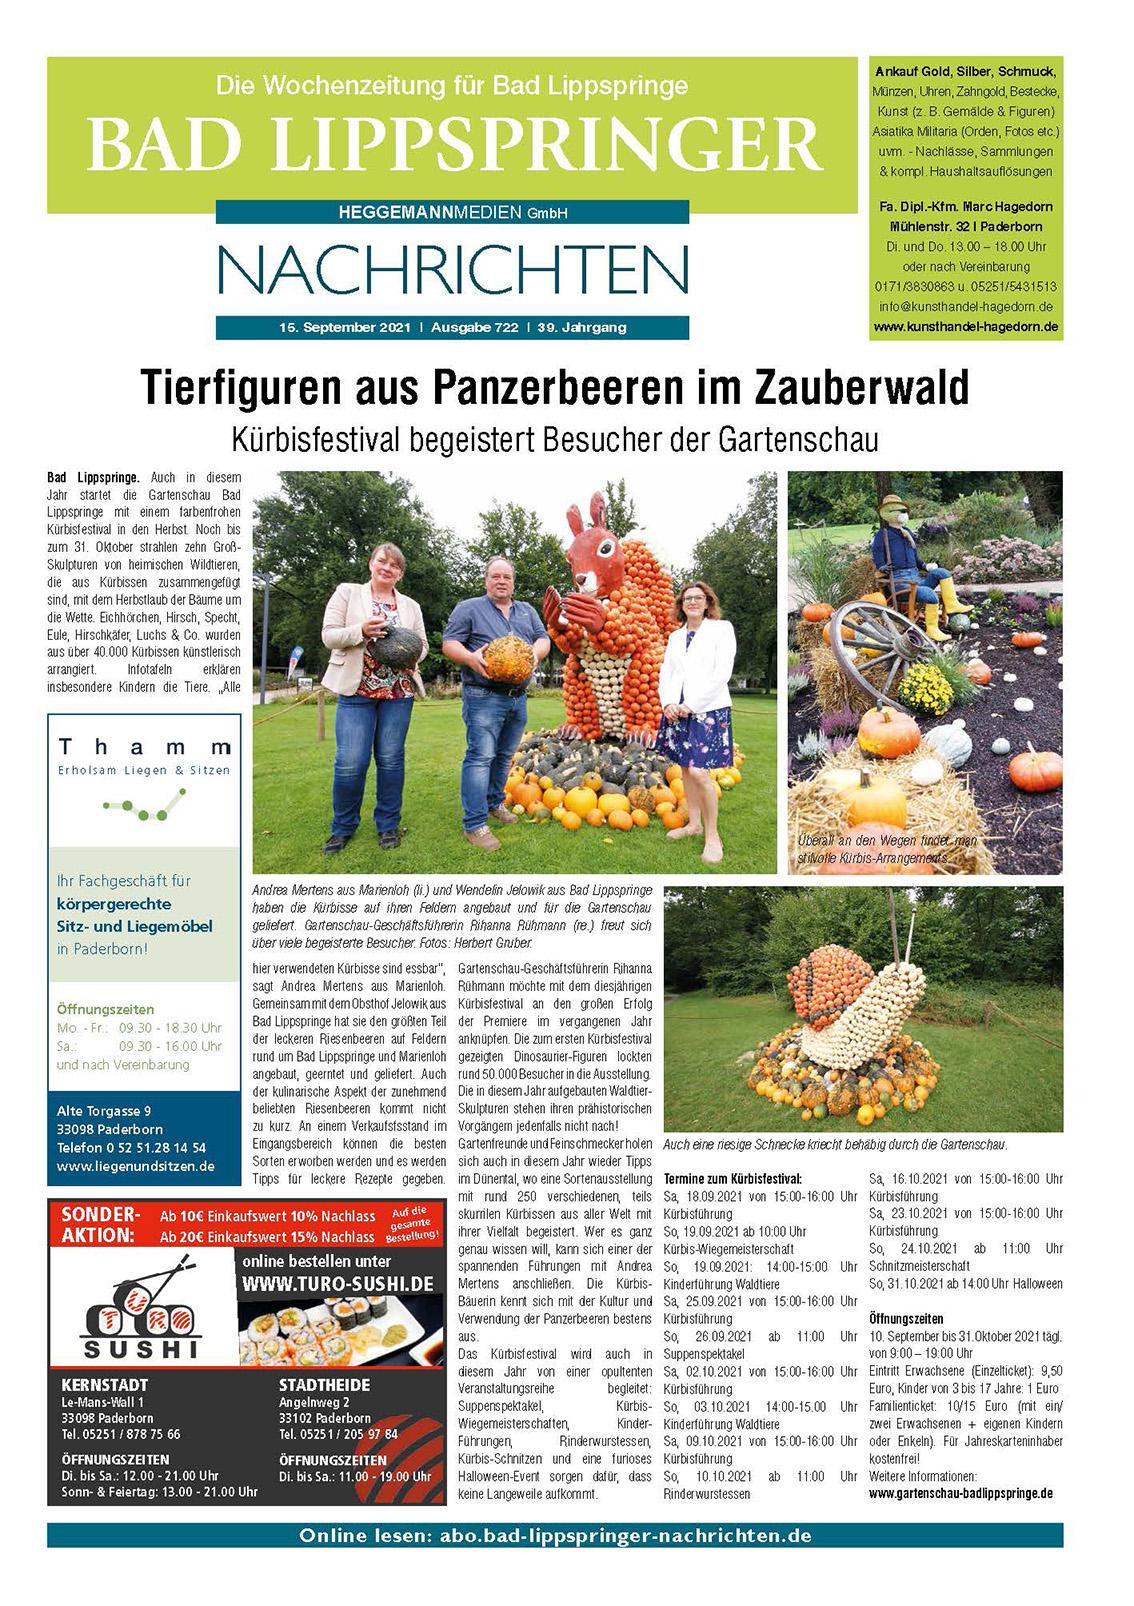 Bad Lippspringer Nachrichten Ausgabe 722